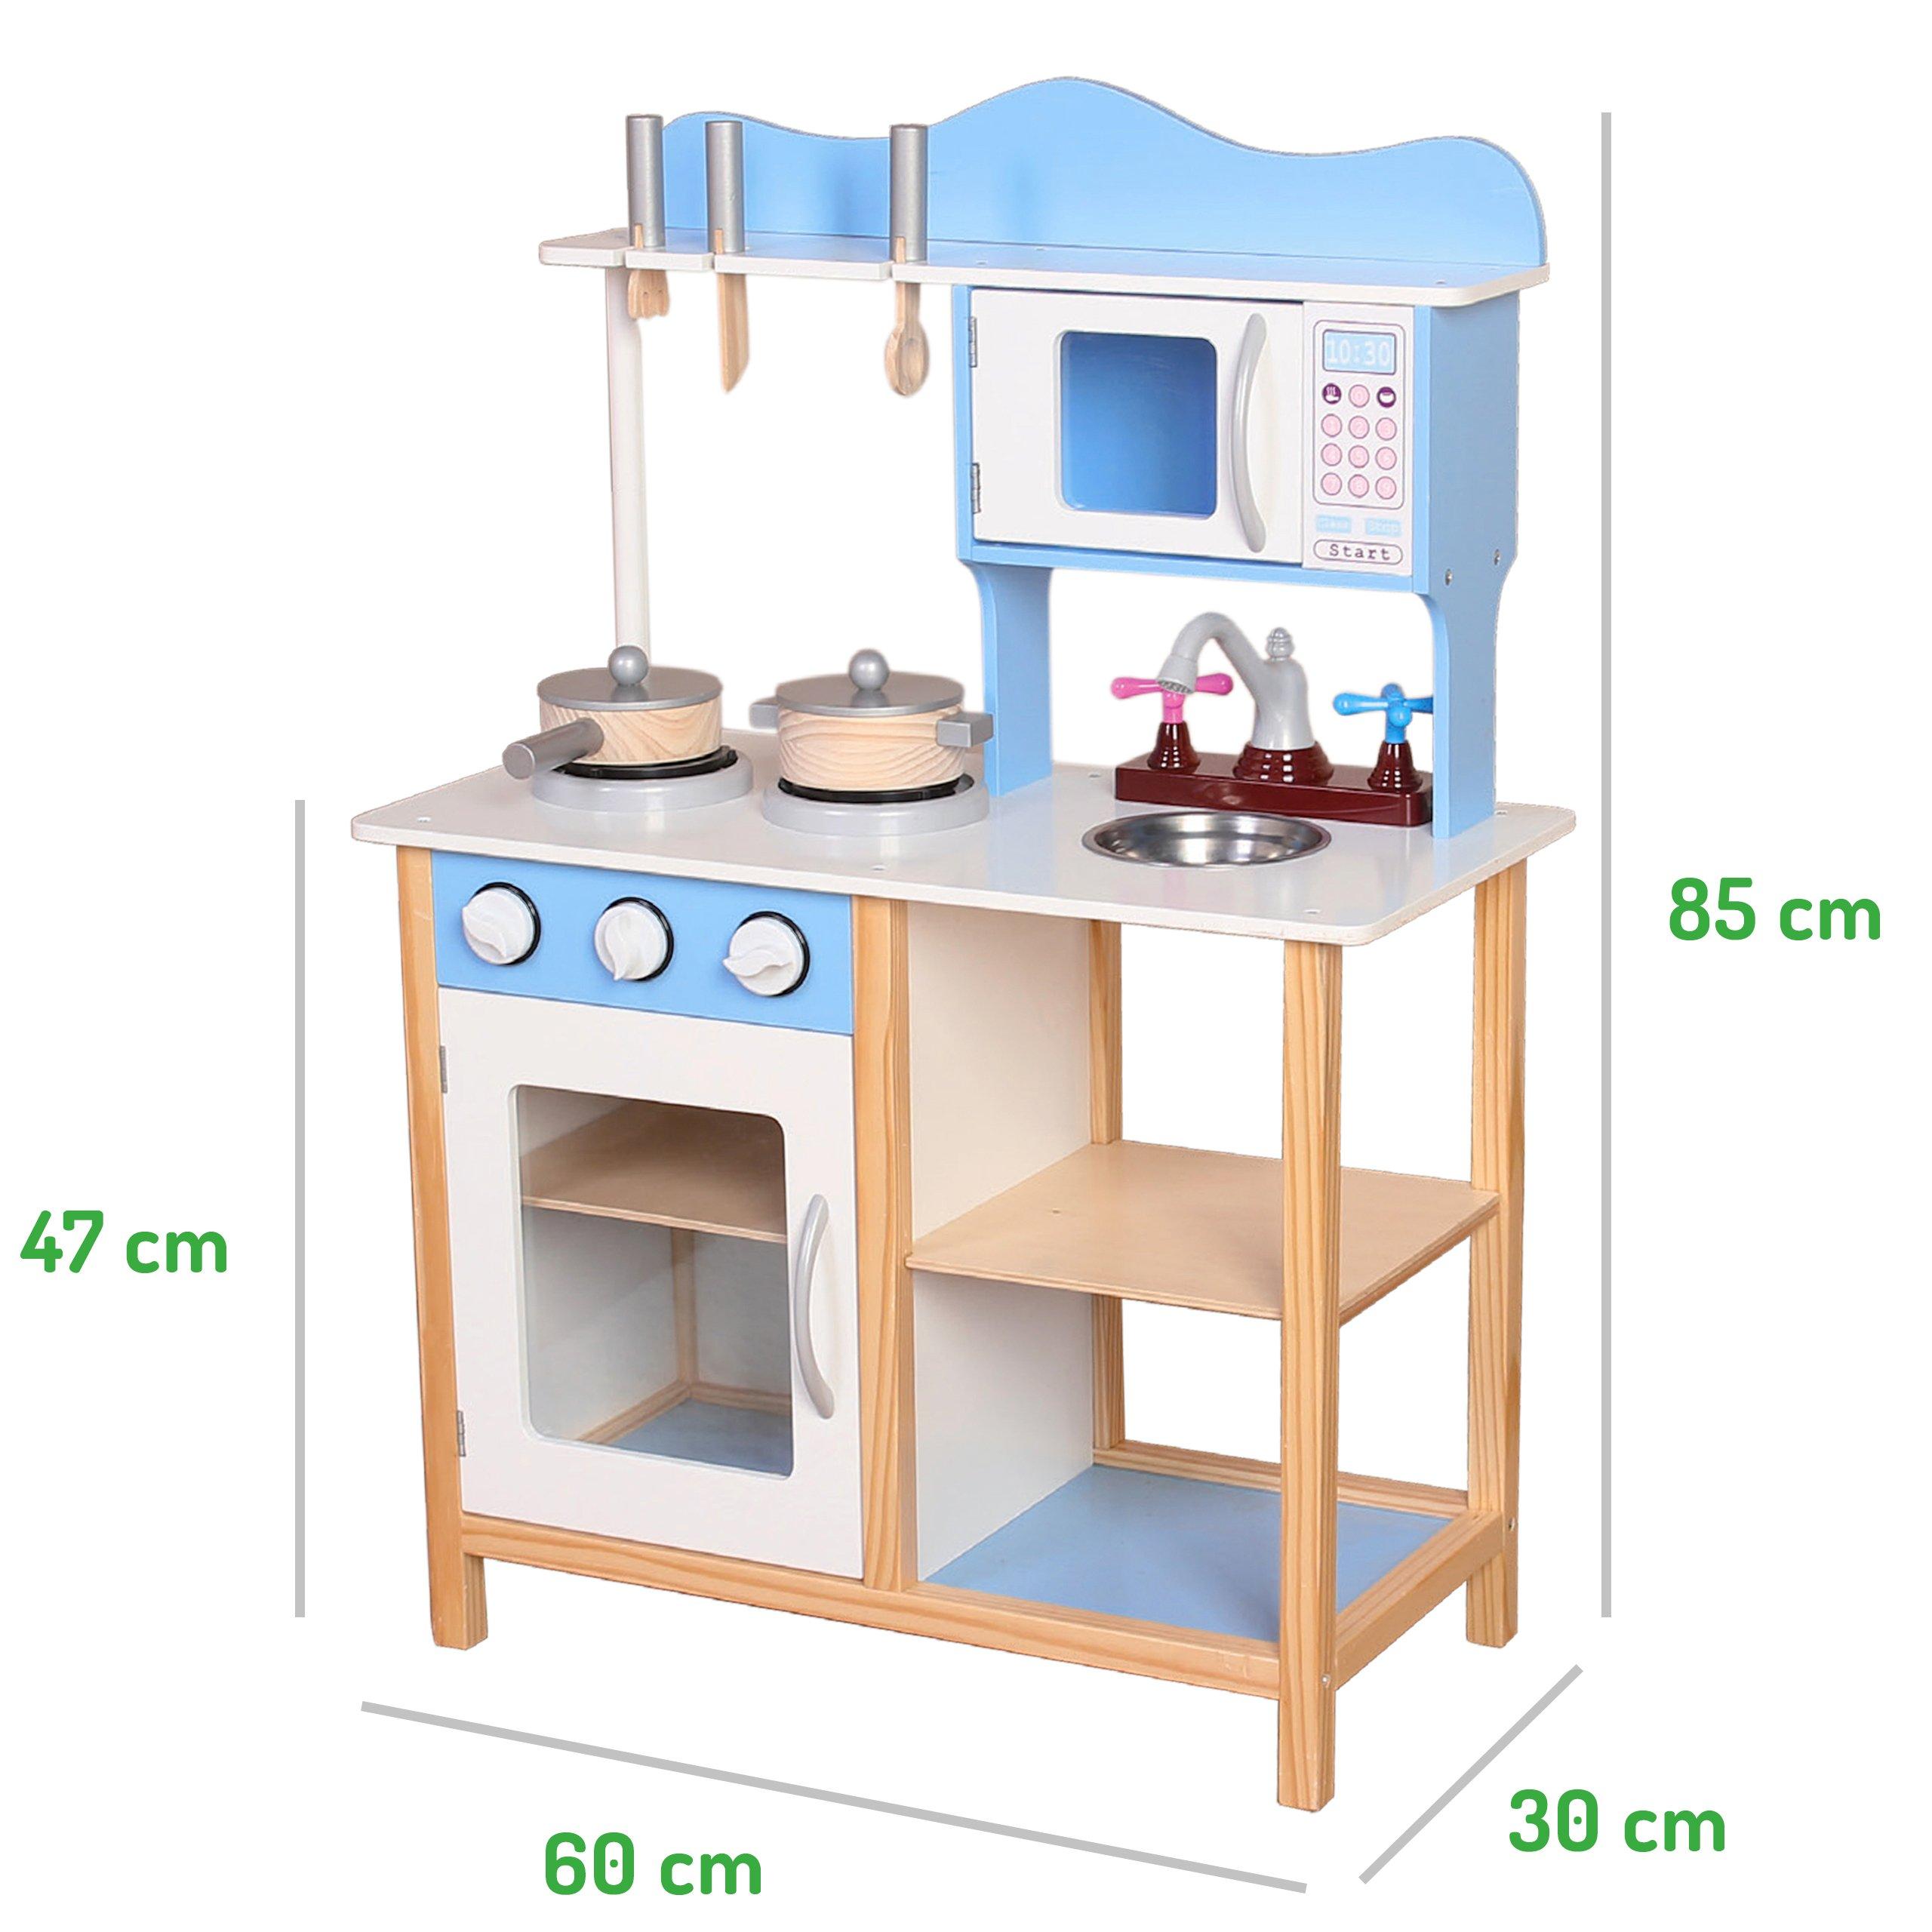 Ecotoys Drewniana Kuchnia Dla Dzieci Z Wyposażeniem Tk040